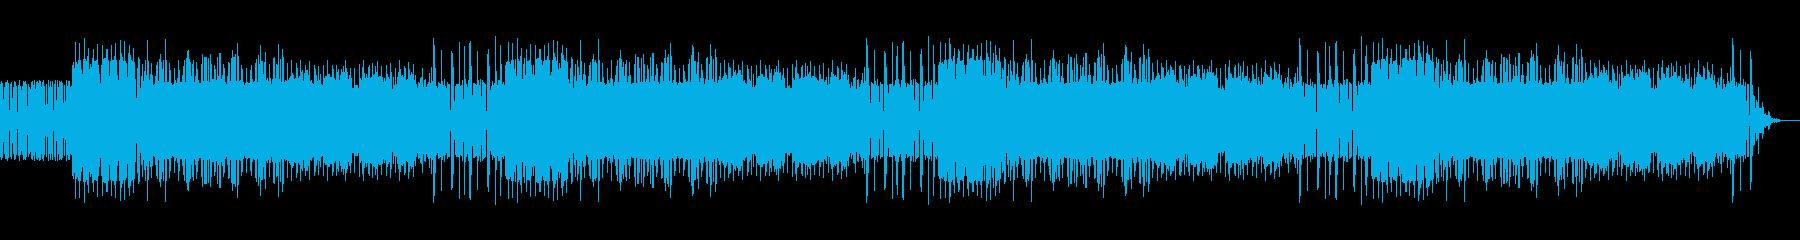 ファミコン風な短調の高揚感のあるBGMの再生済みの波形